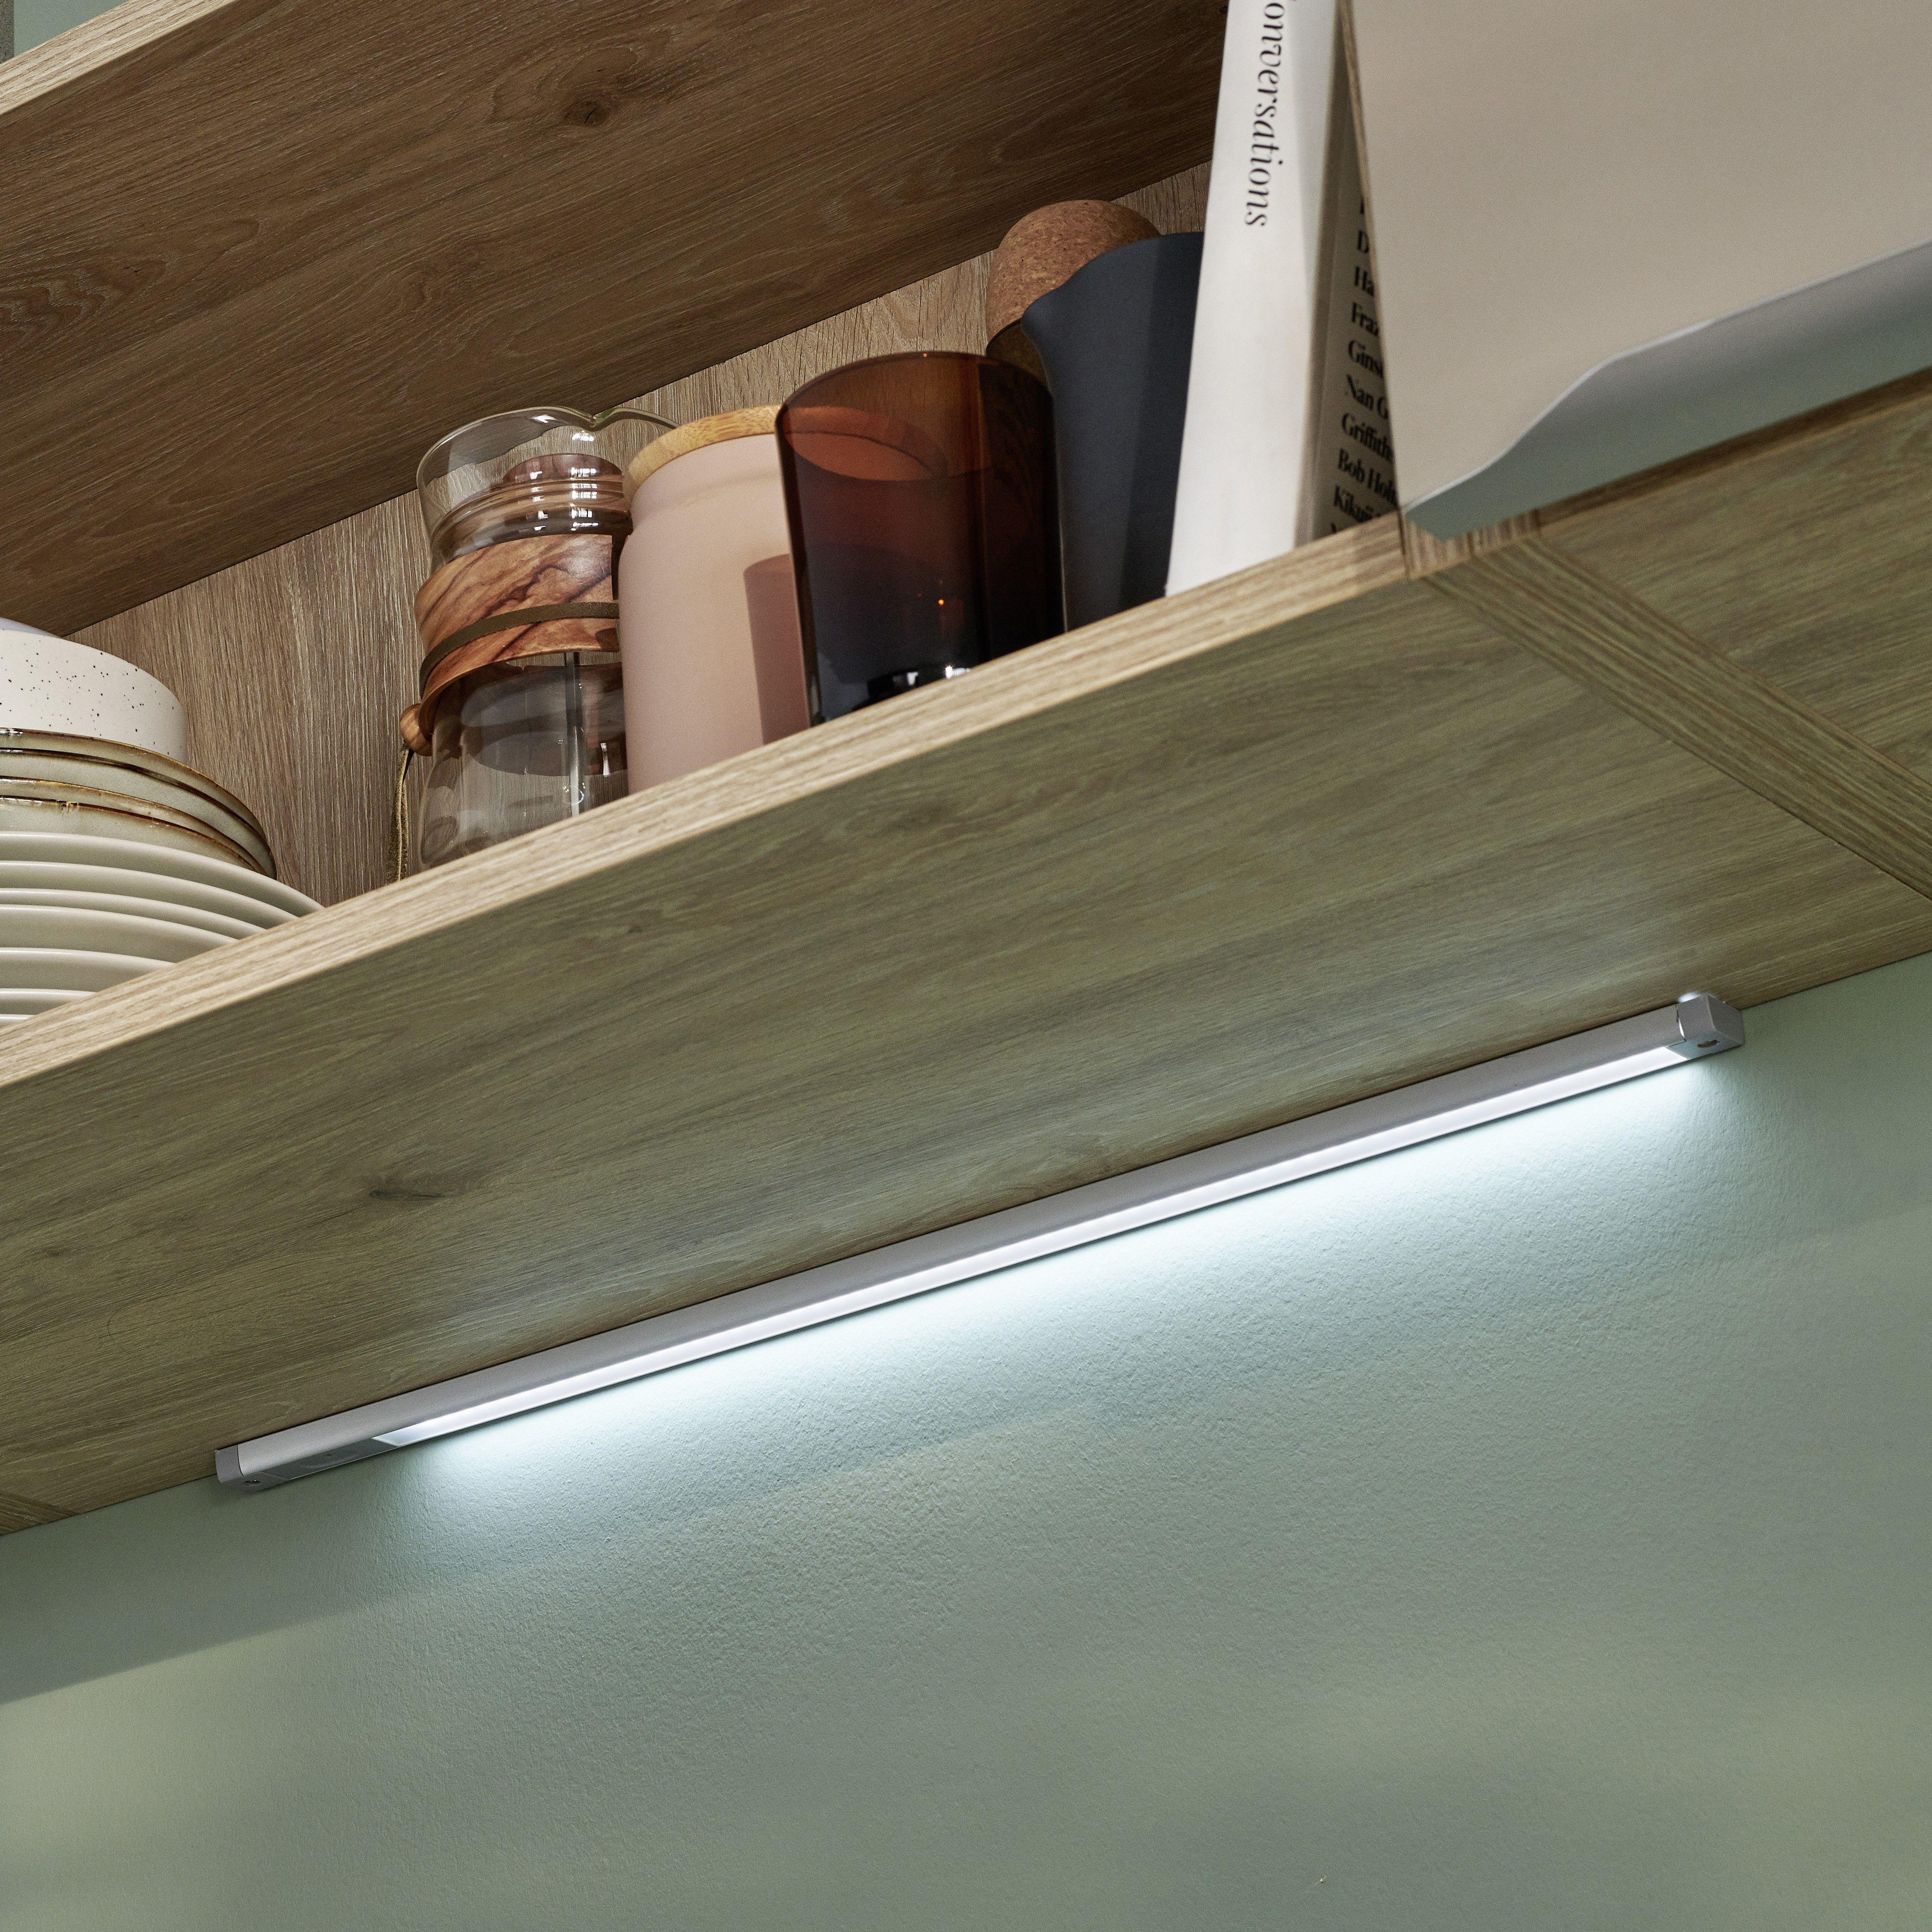 Cacher Plan De Travail Cuisine réglette led alu | cuisine fonctionnelle, mobilier de salon